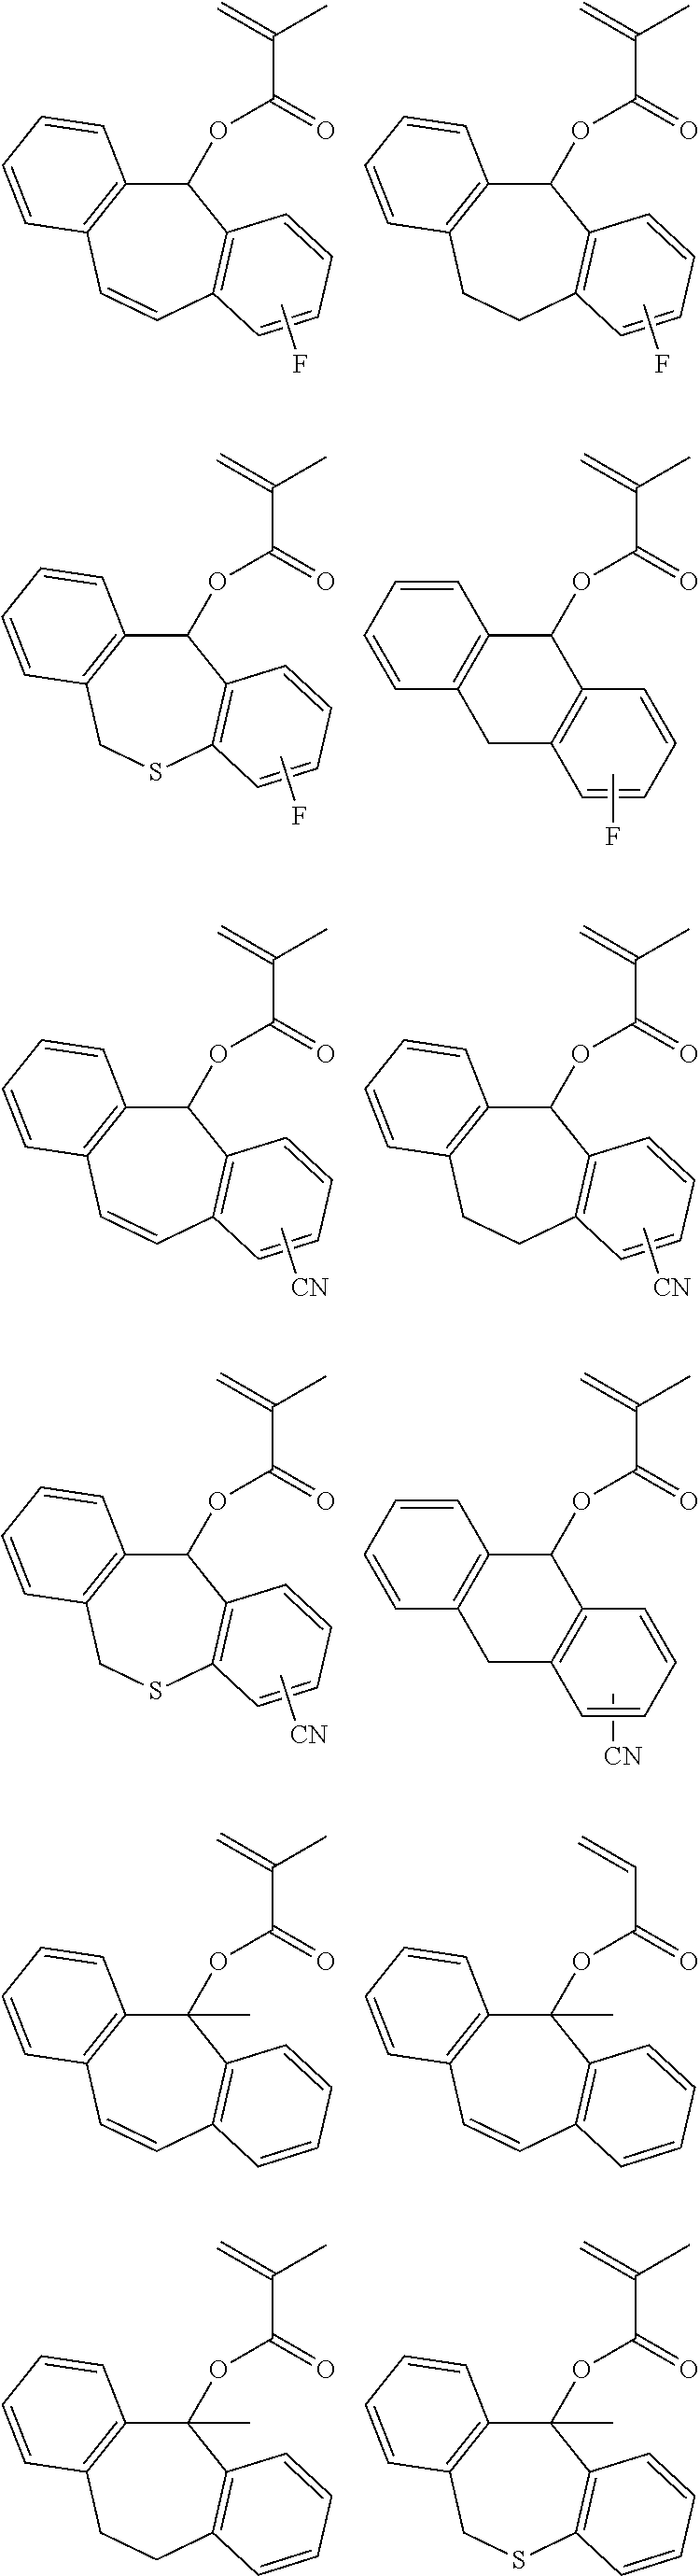 Figure US09023586-20150505-C00079